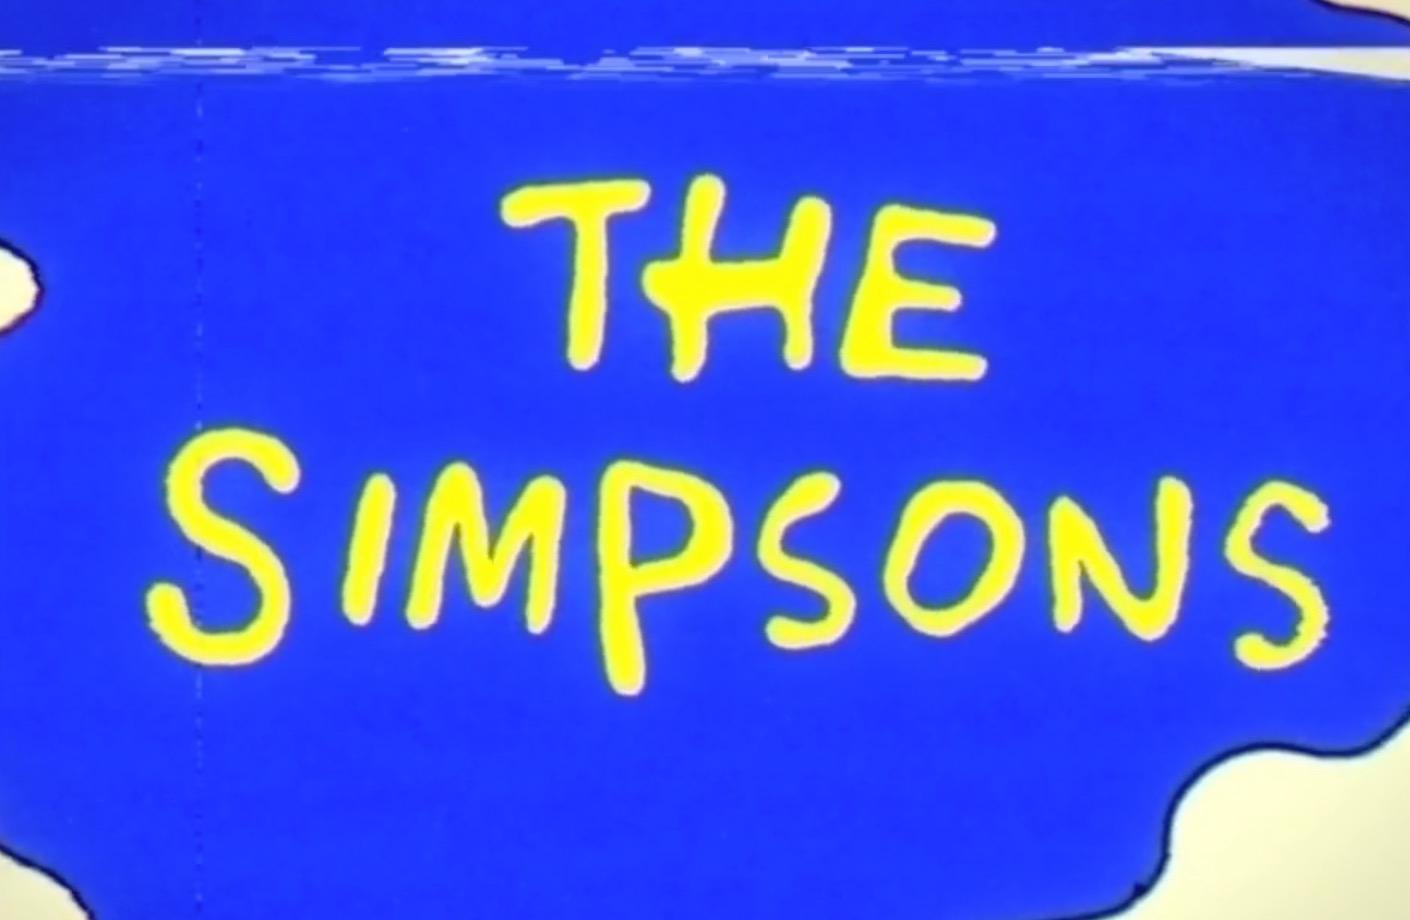 Sim, a gente ama os Simpsons mesmo não tendo assistido o desenho animado tem um belo tempo. Mas, o que Yoann Hervo é algo especial. Especial de um jeito complicado de explicar. Afinal, a abertura dos Simpsonspor Yoann Hervo mostra um desenho animado distópico e totalmente bizarro. Aqui os rostos dos personagens são diferentes, distorcidos como as transições de cenas e pneus em chamas pelas ruas mostram que algo errado aconteceu.